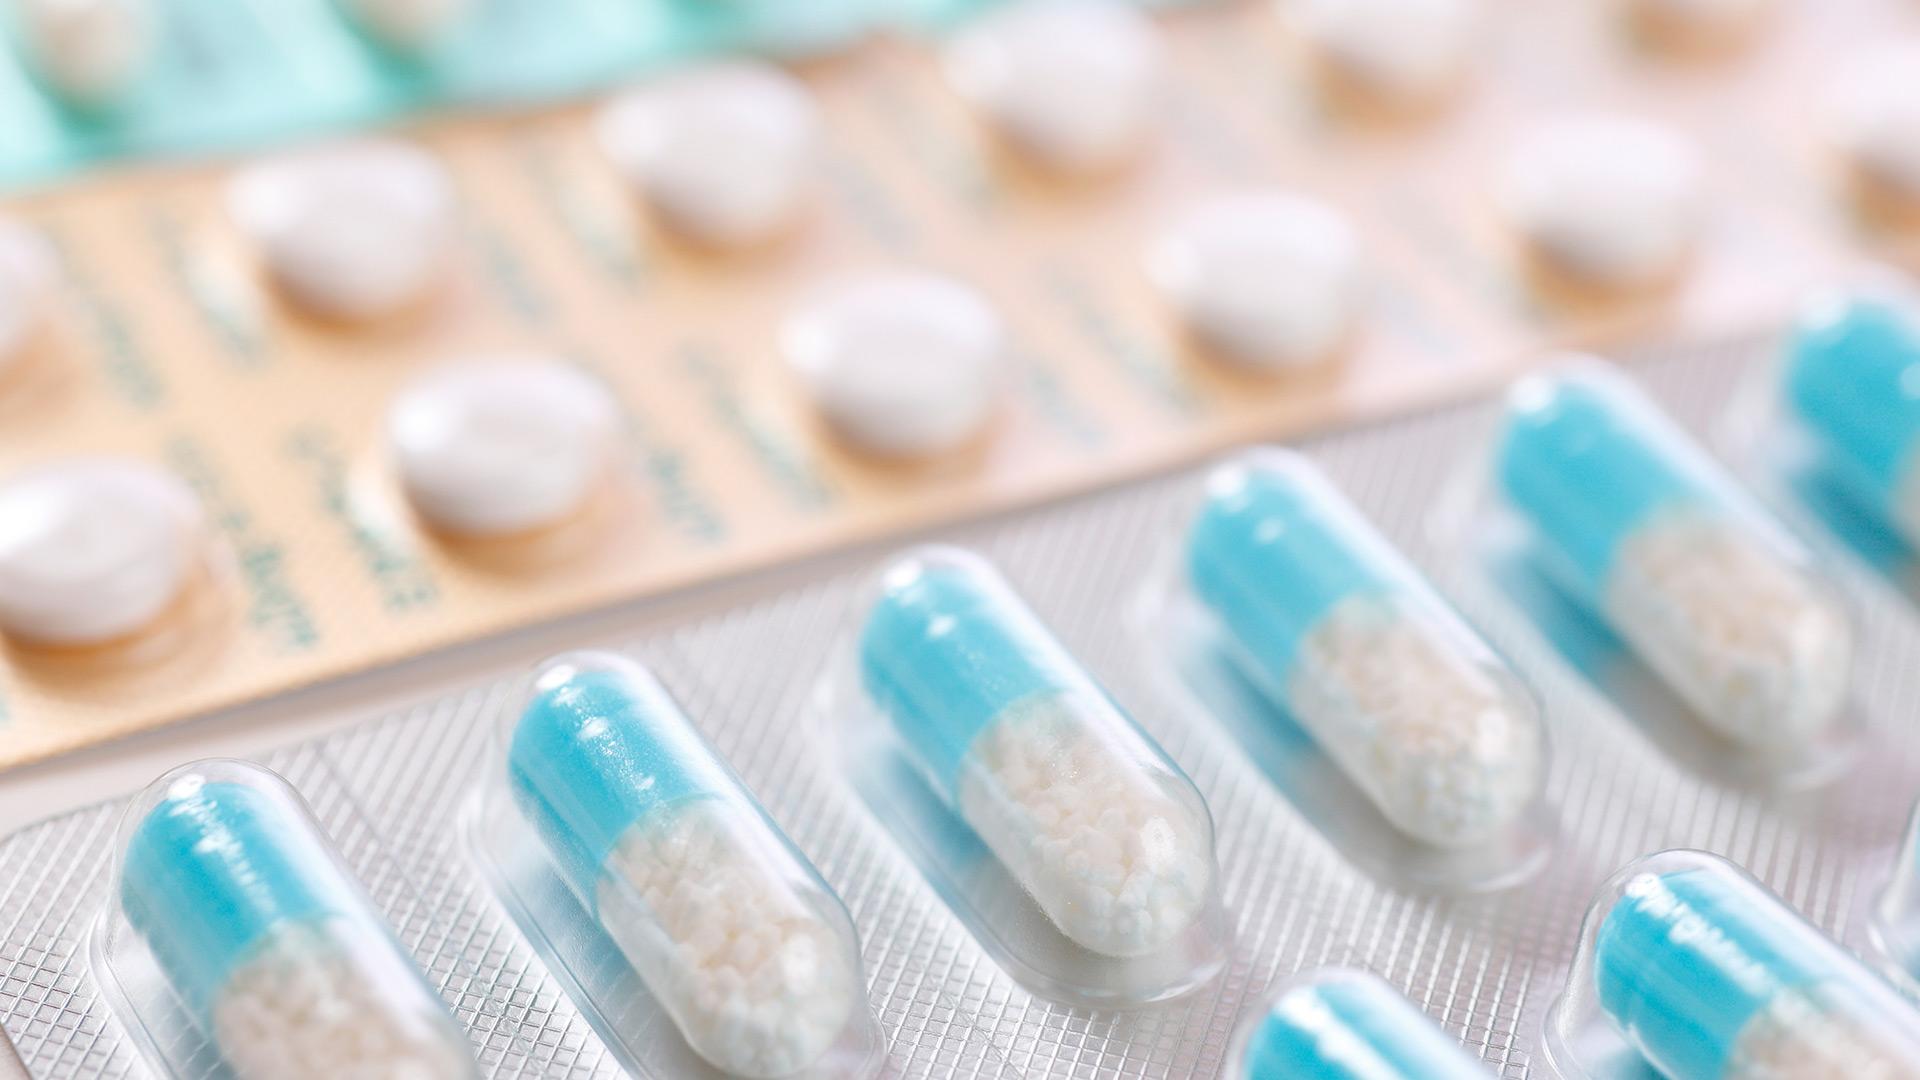 Pilules bleues présentées en chapelet